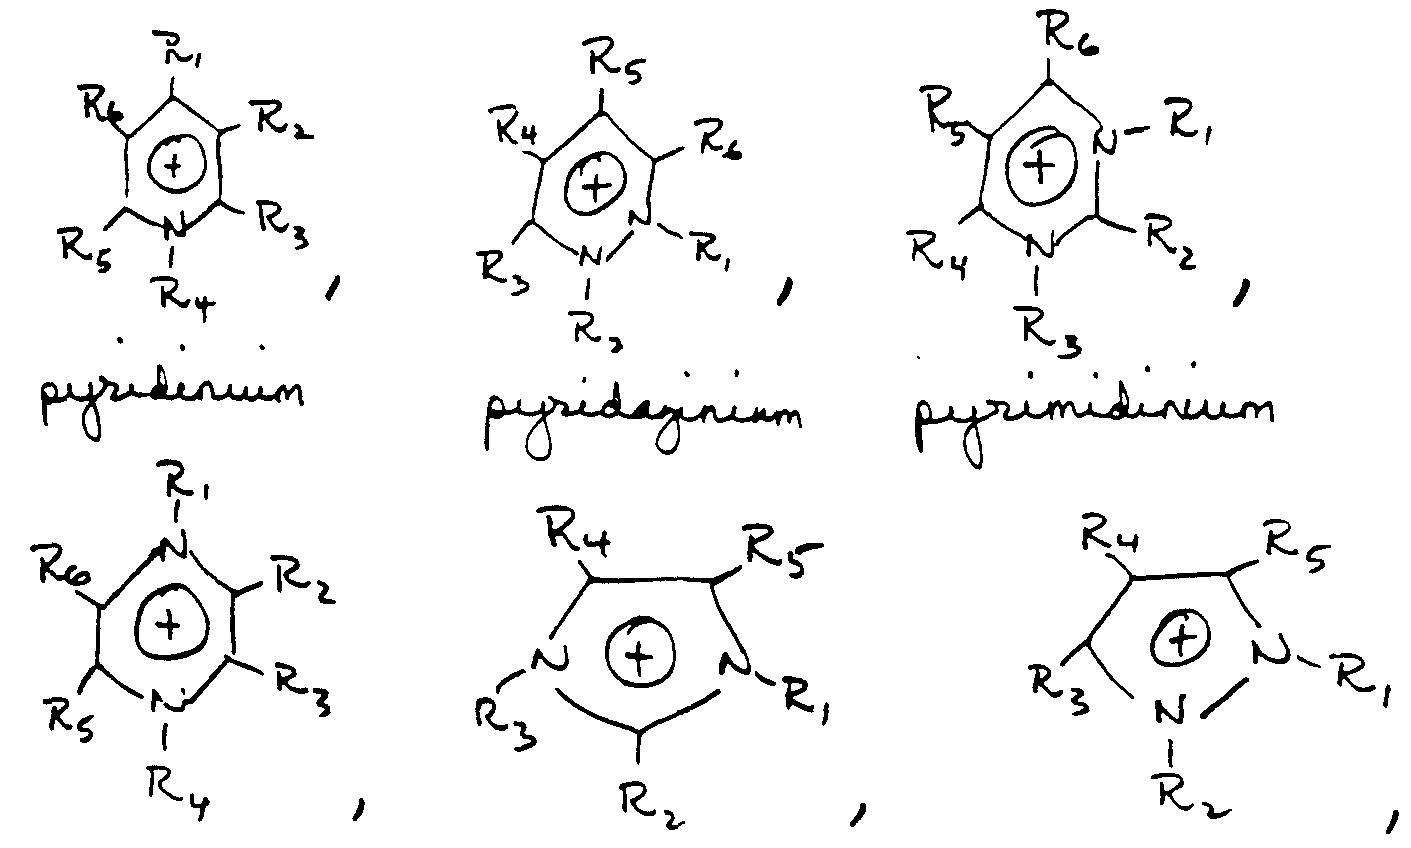 wo1997002252a1 - hydrophobic ionic liquids